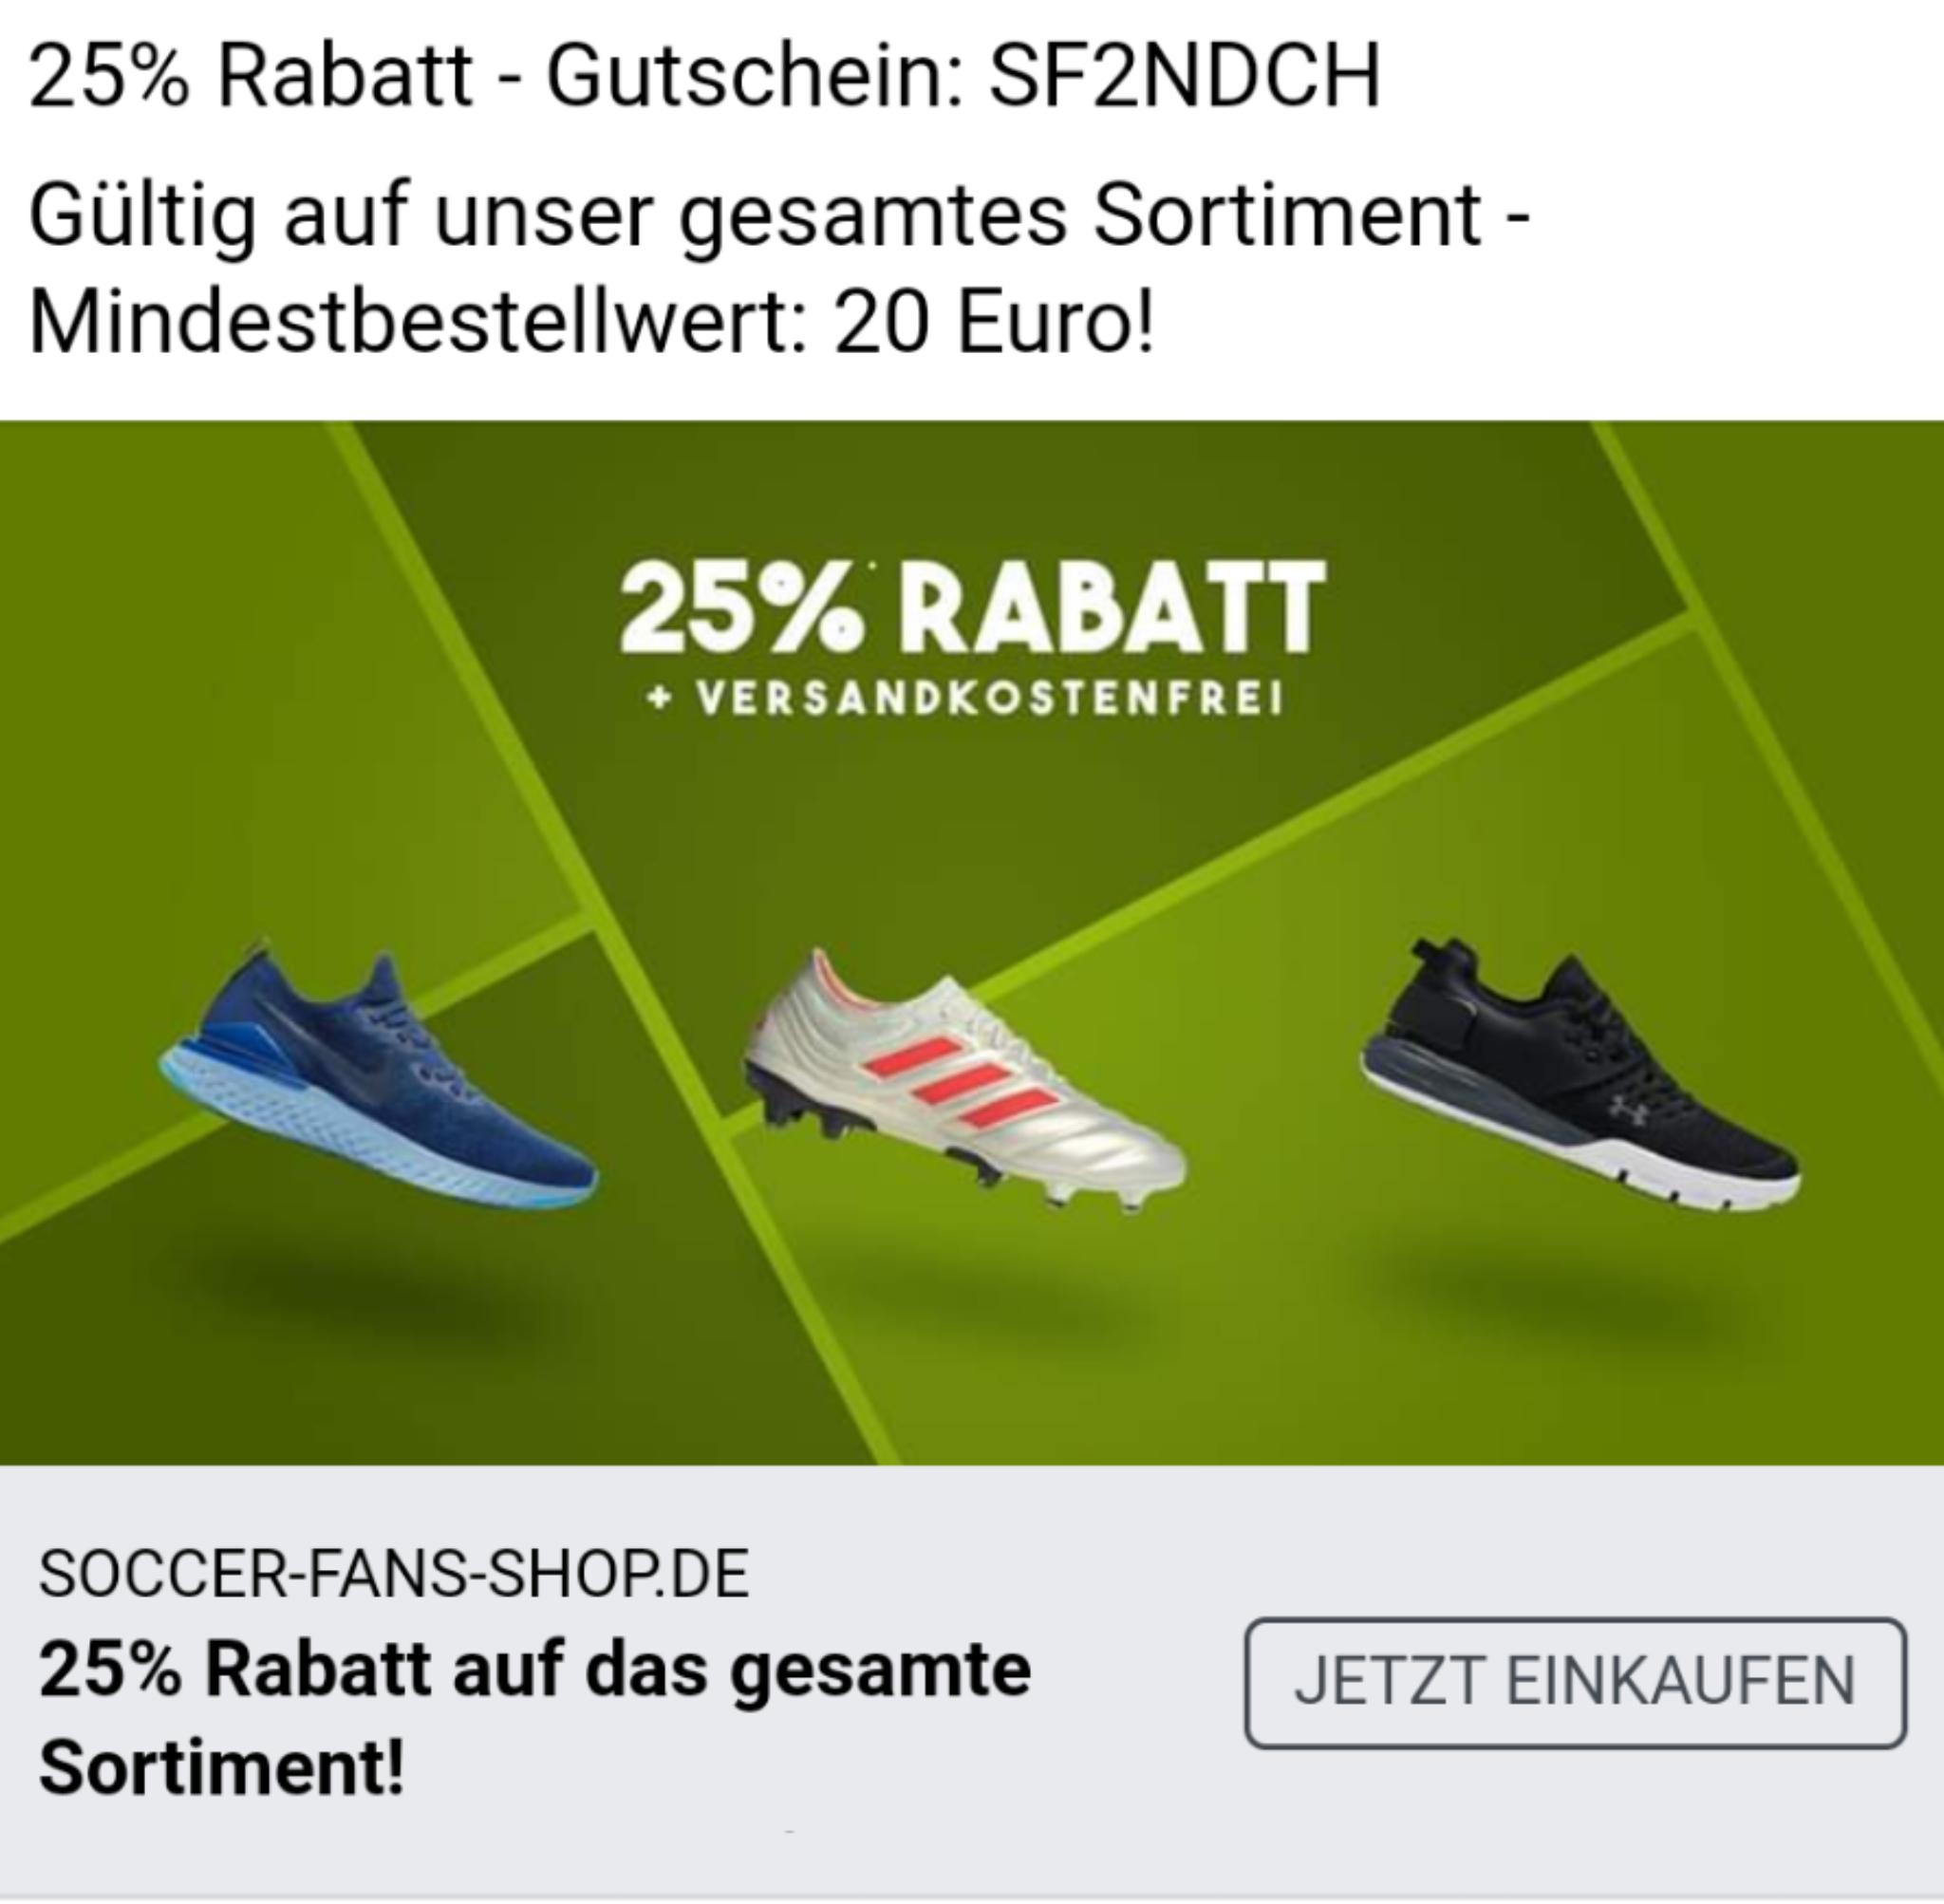 25% auf Alles und versandkostenfrei ab 20€ Einkaufswert